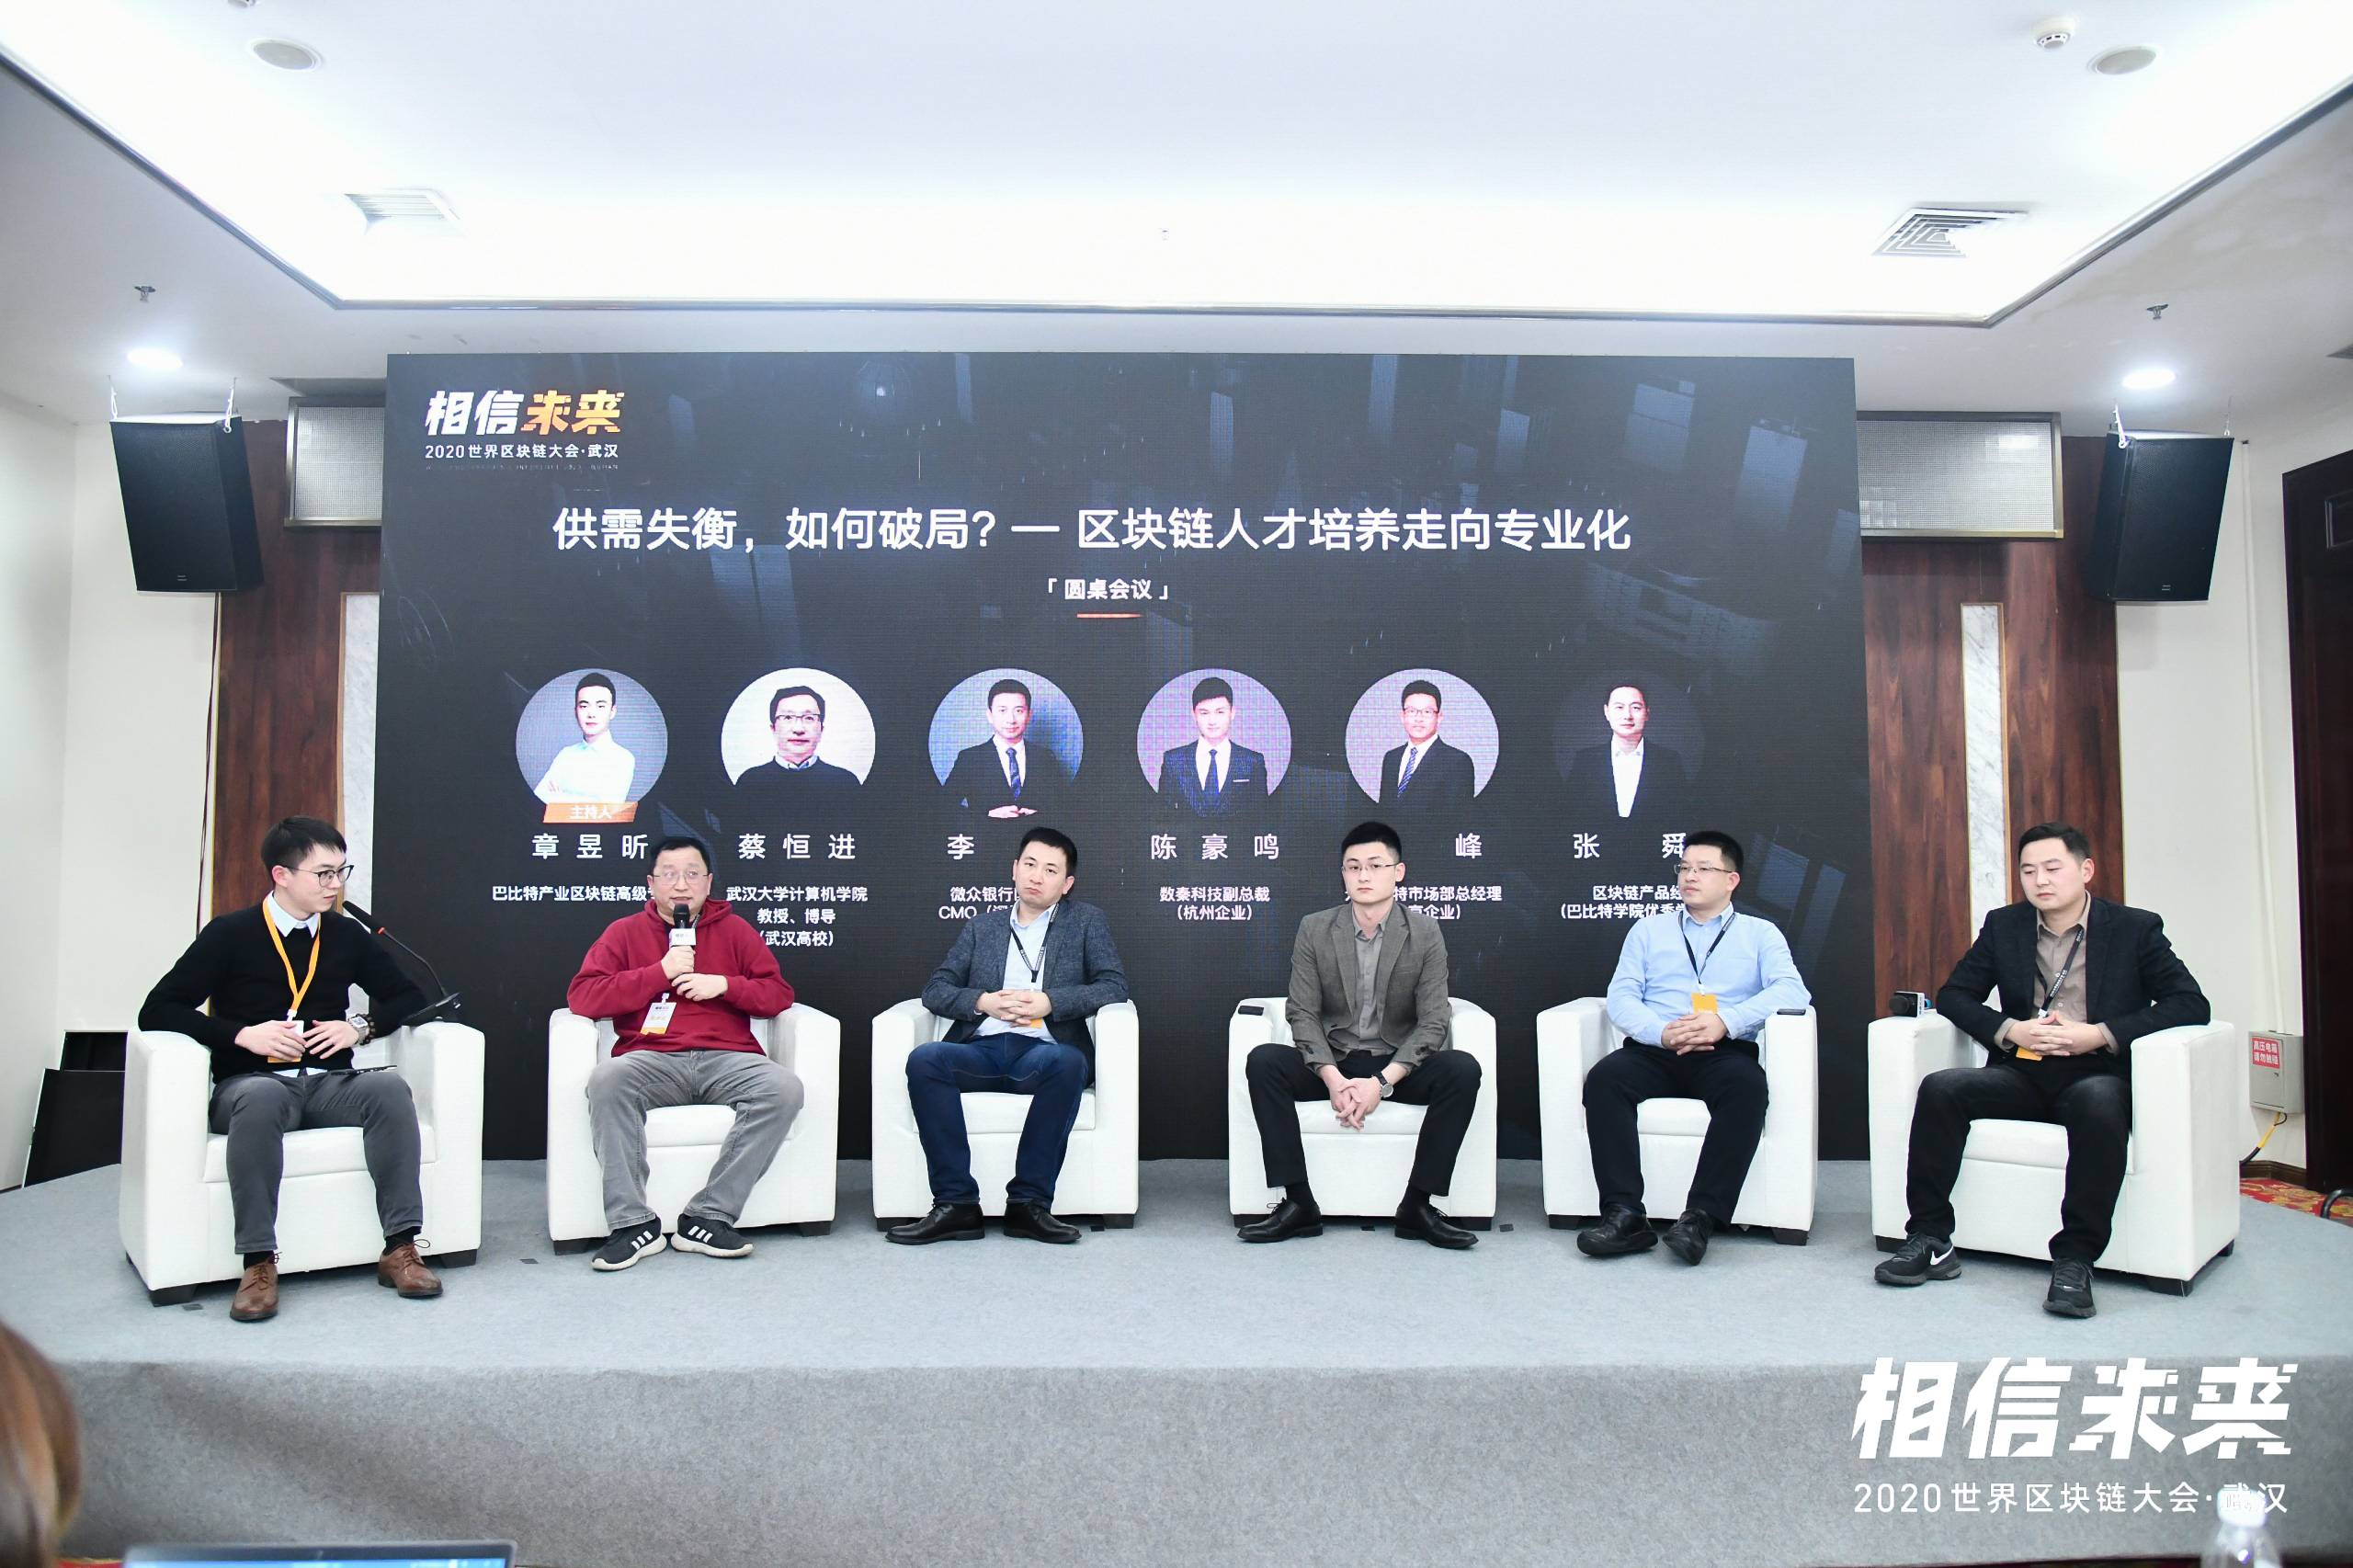 人才高峰论坛压轴圆桌:供需失衡,如何破局?丨世界区块链大会·武汉